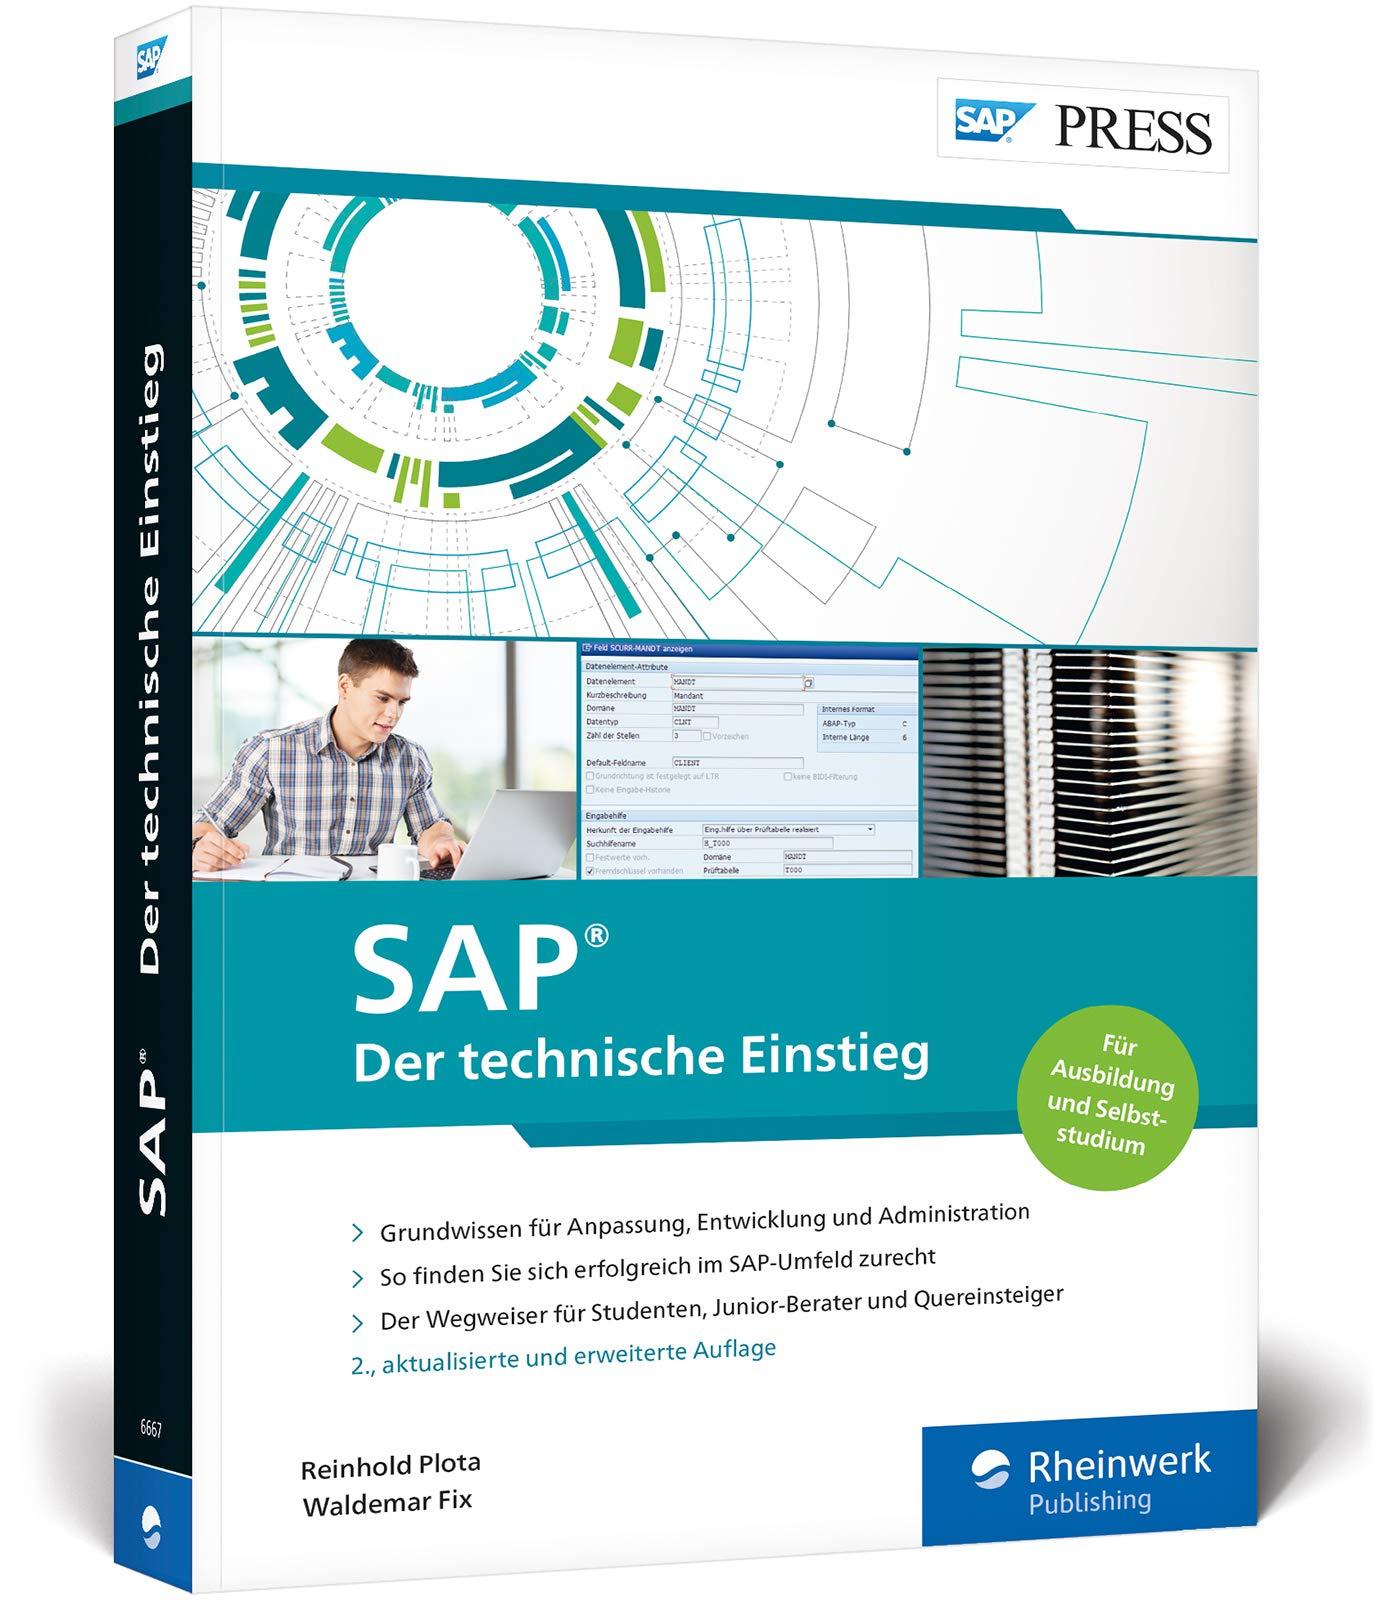 SAP – Der Technische Einstieg  SAP Technologien Und Konzepte Für Einsteiger – SAP GUI ABAP SAP HANA Und Vieles Mehr  SAP PRESS